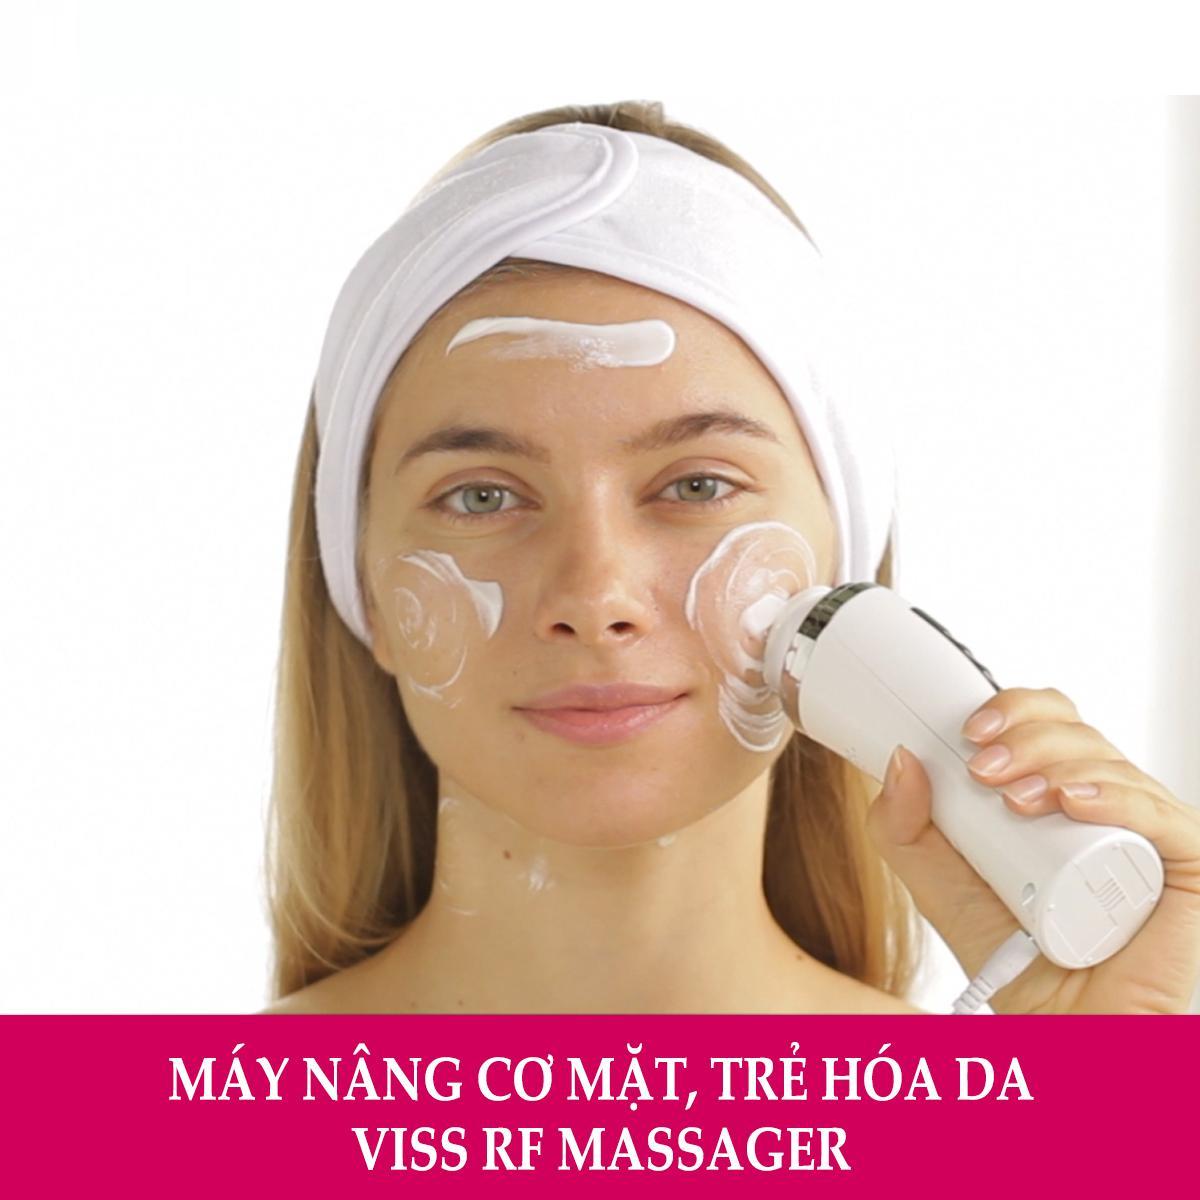 Chiết Khấu May Massage Căng Da Mặt Viss Rf Hà Nội